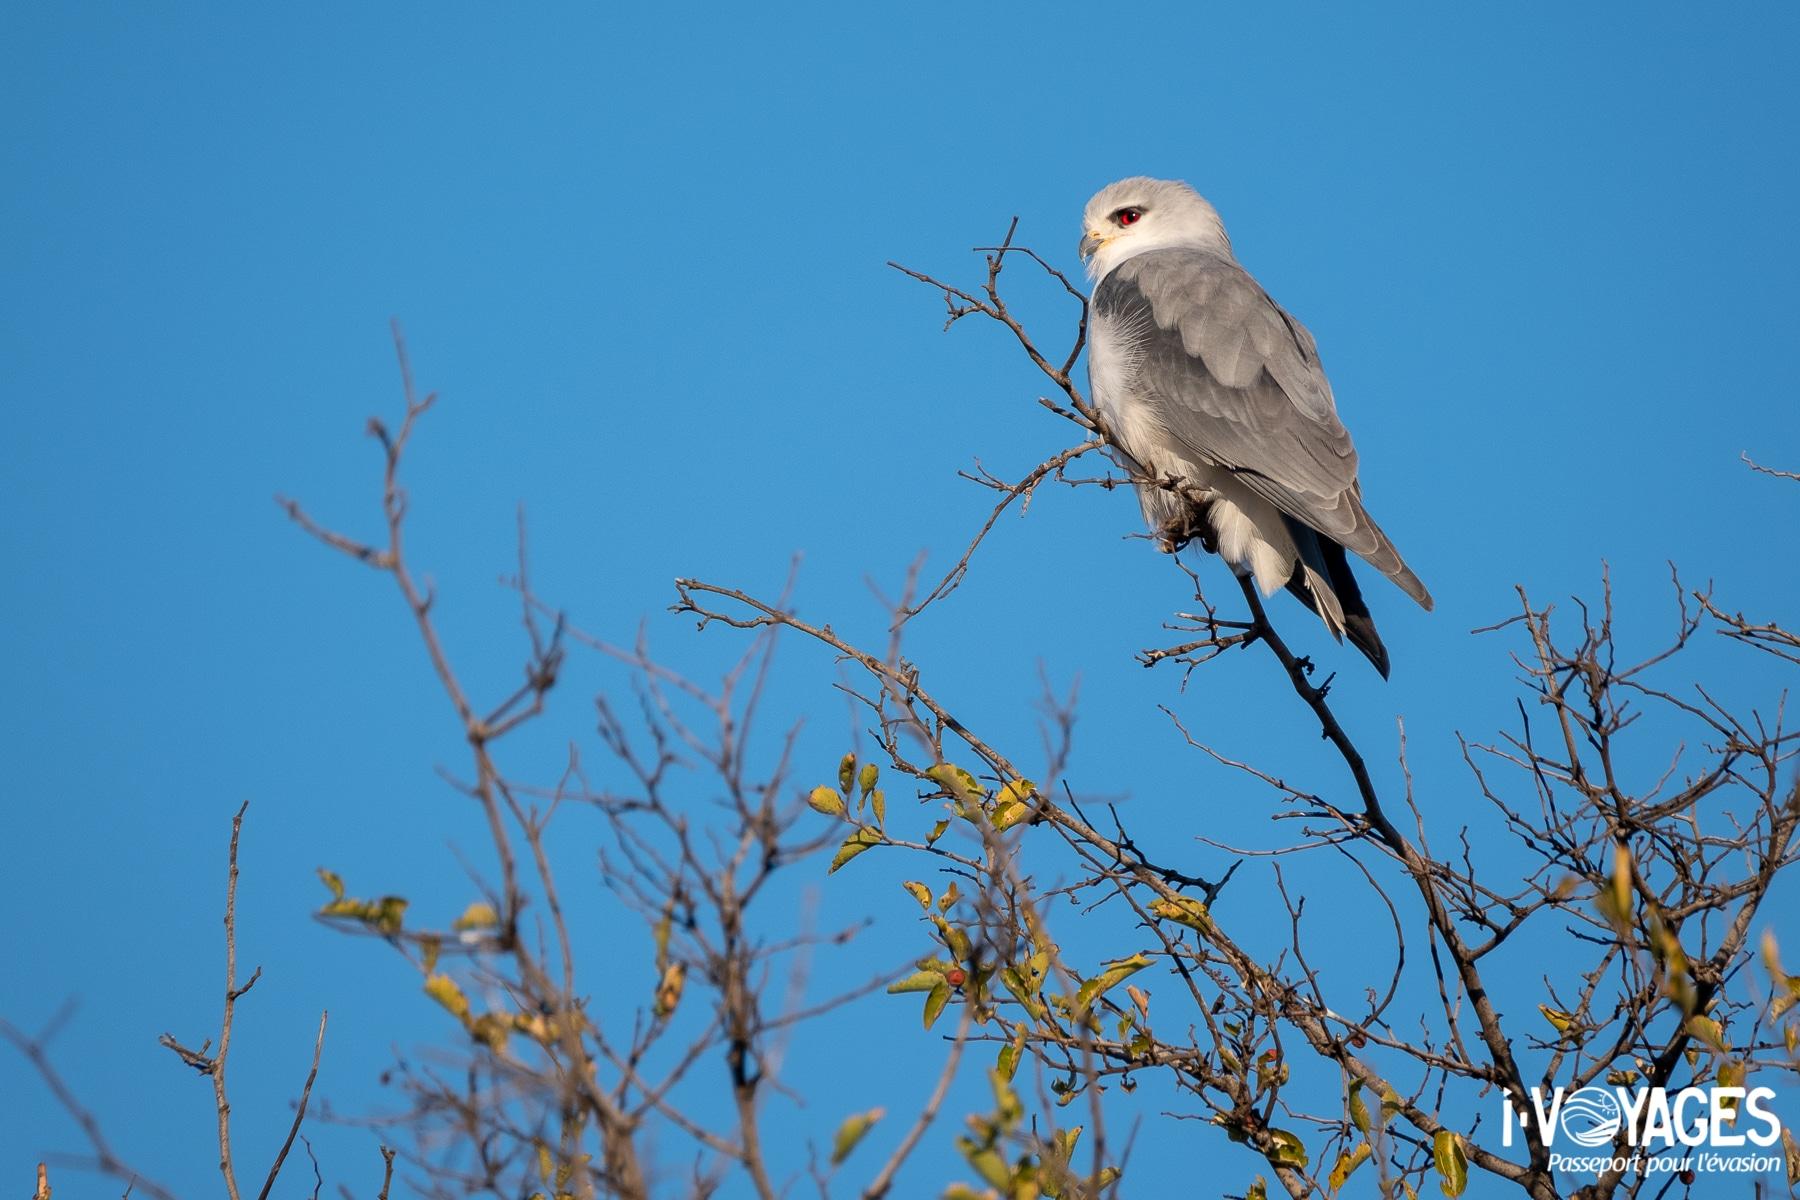 Fauconnet d'Afrique, parc transfrontalier Kgalagadi